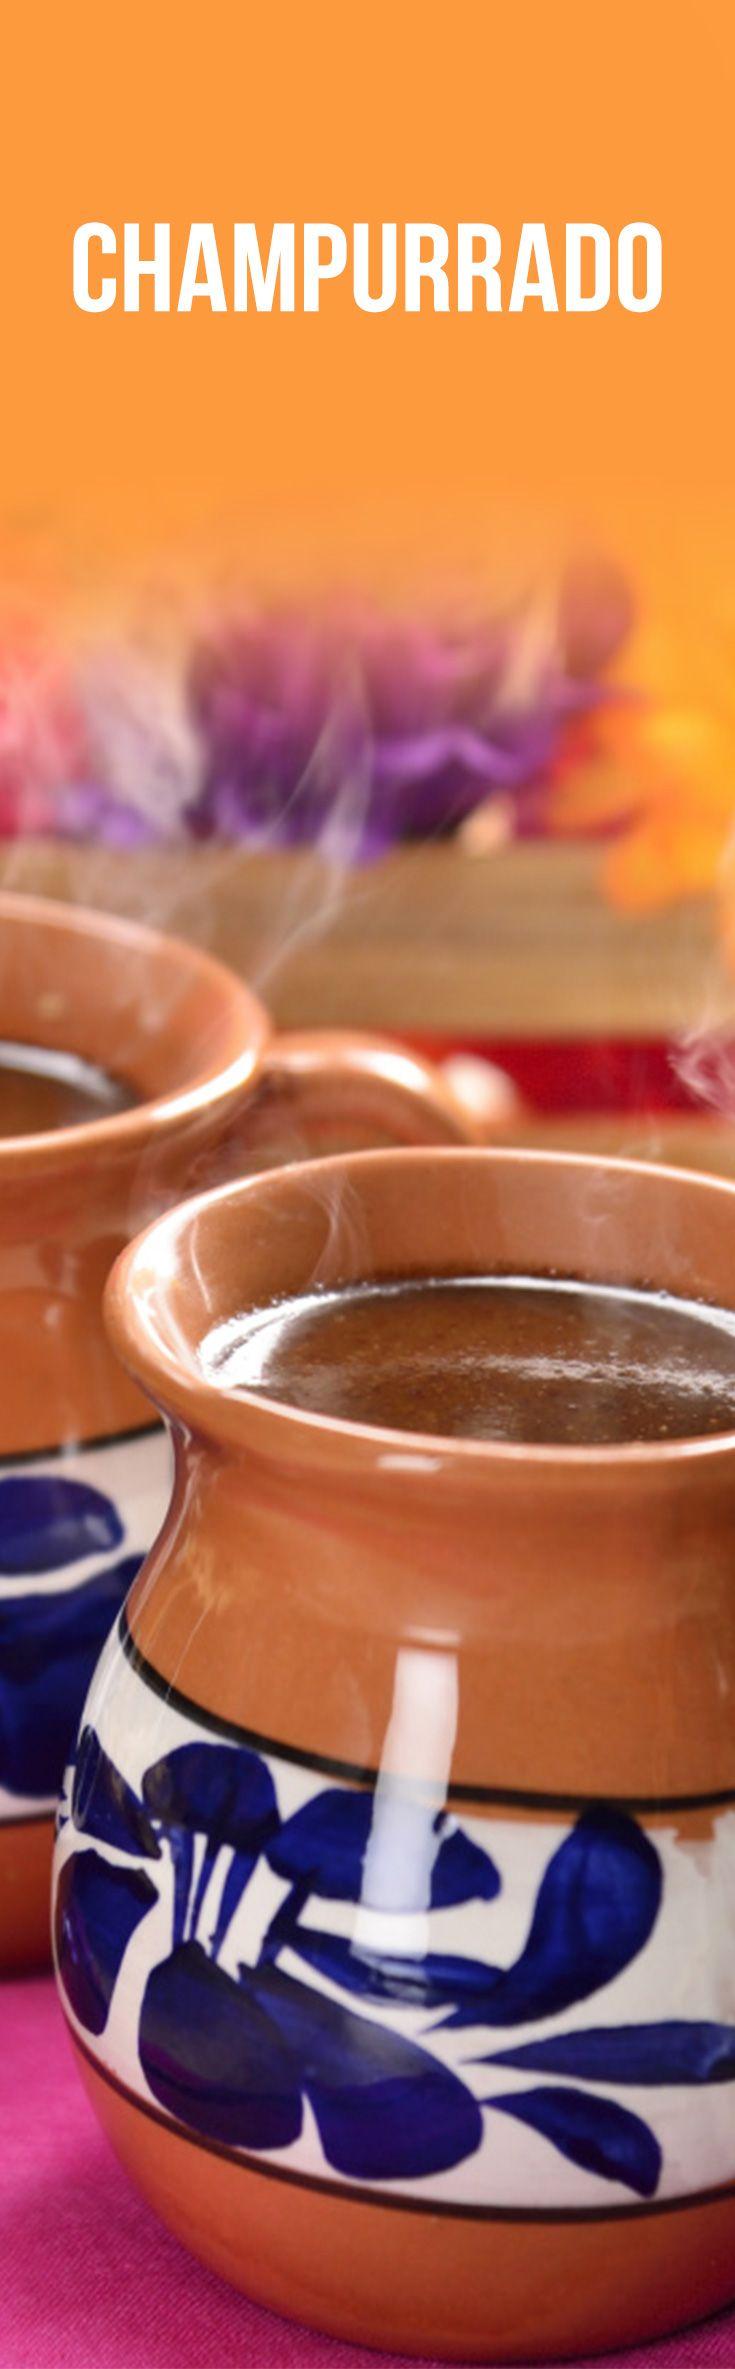 Champurrado receta recetas de cocina cooking recipes - Cocina navidena espanola ...